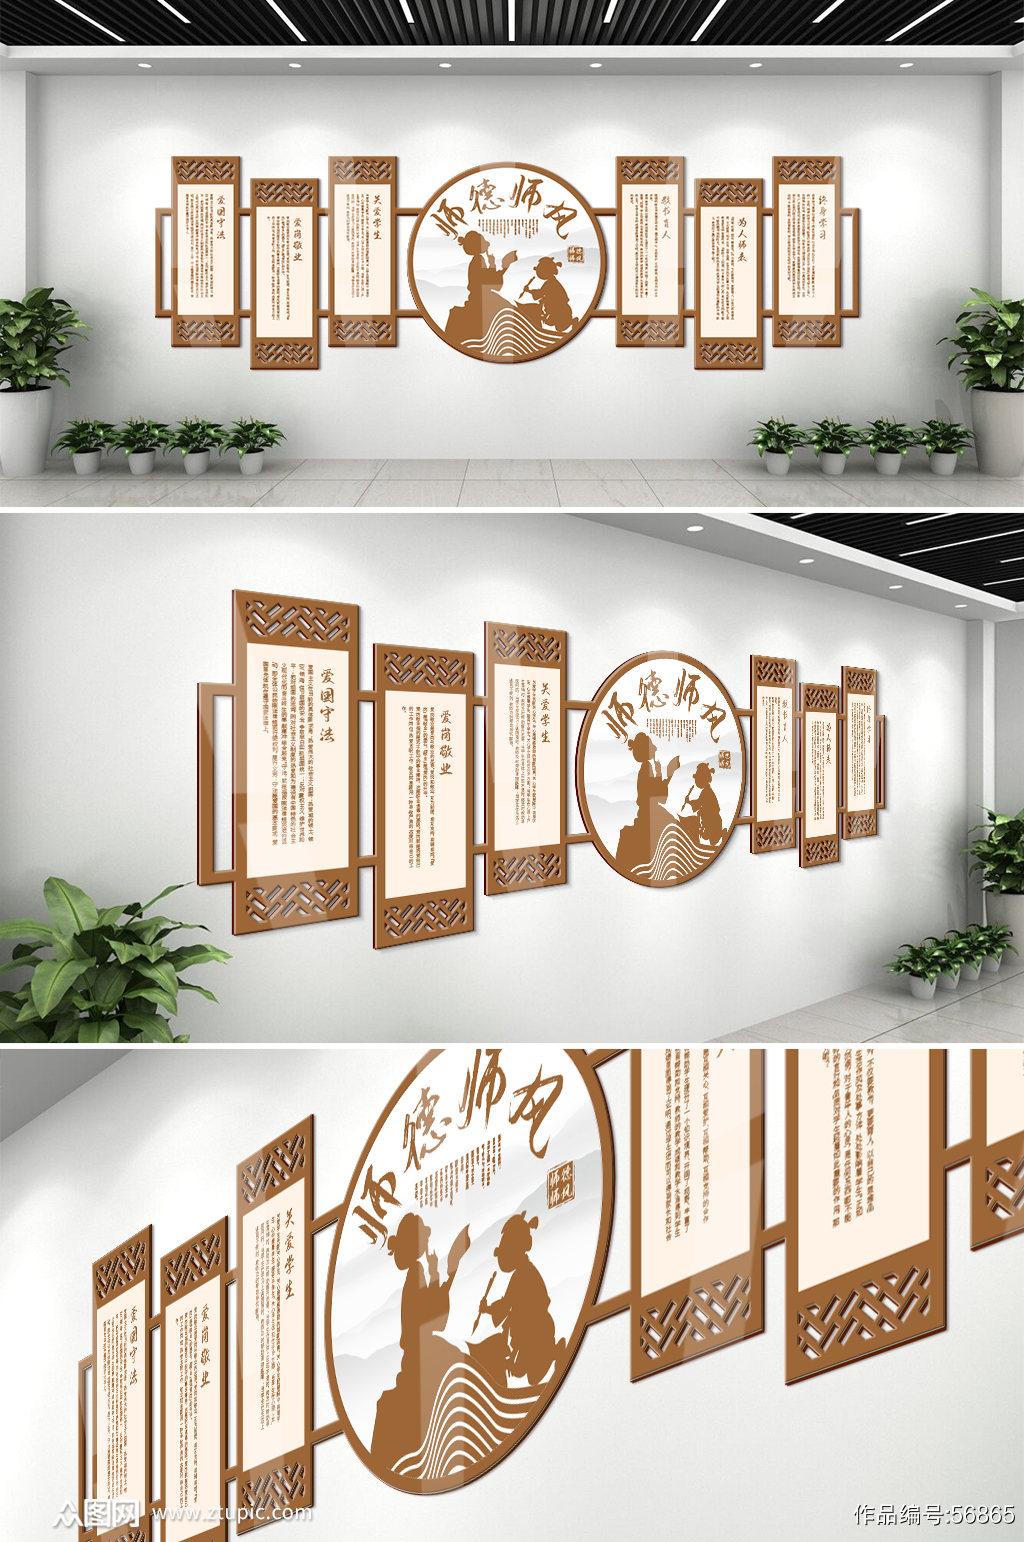 传统美德师德师风校园文化墙素材